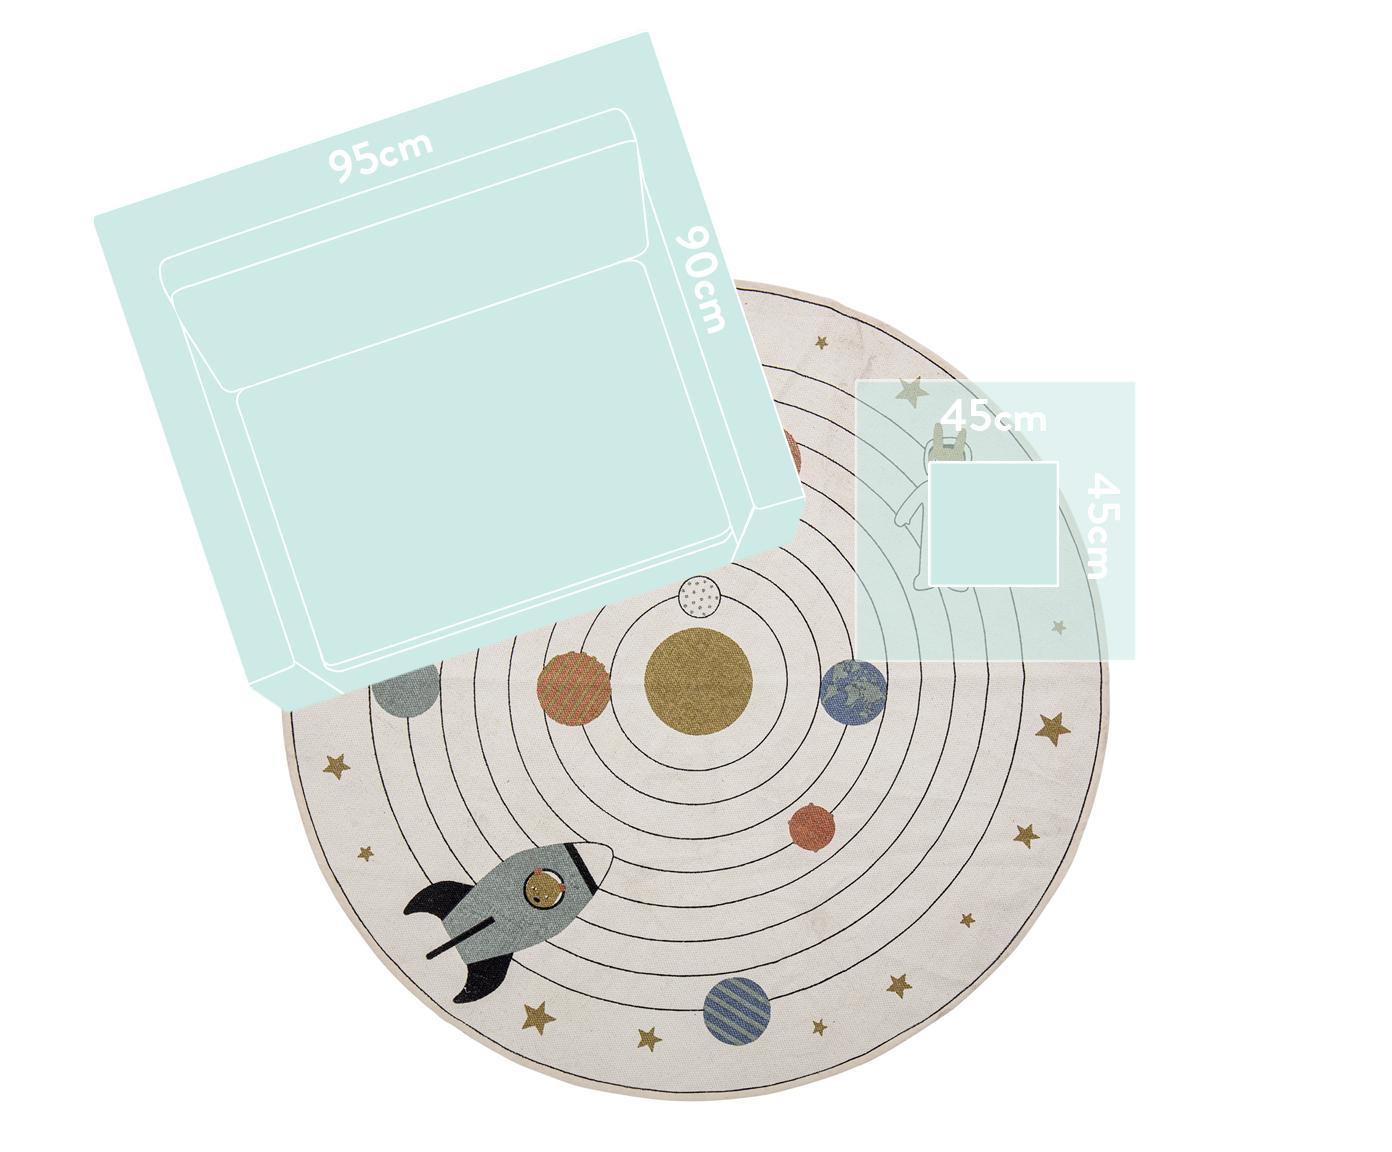 Runder Teppich Space, 98% Baumwolle, 2% gemischte Fasern, Beige, Mehrfarbig, Ø 130 cm (Größe S)